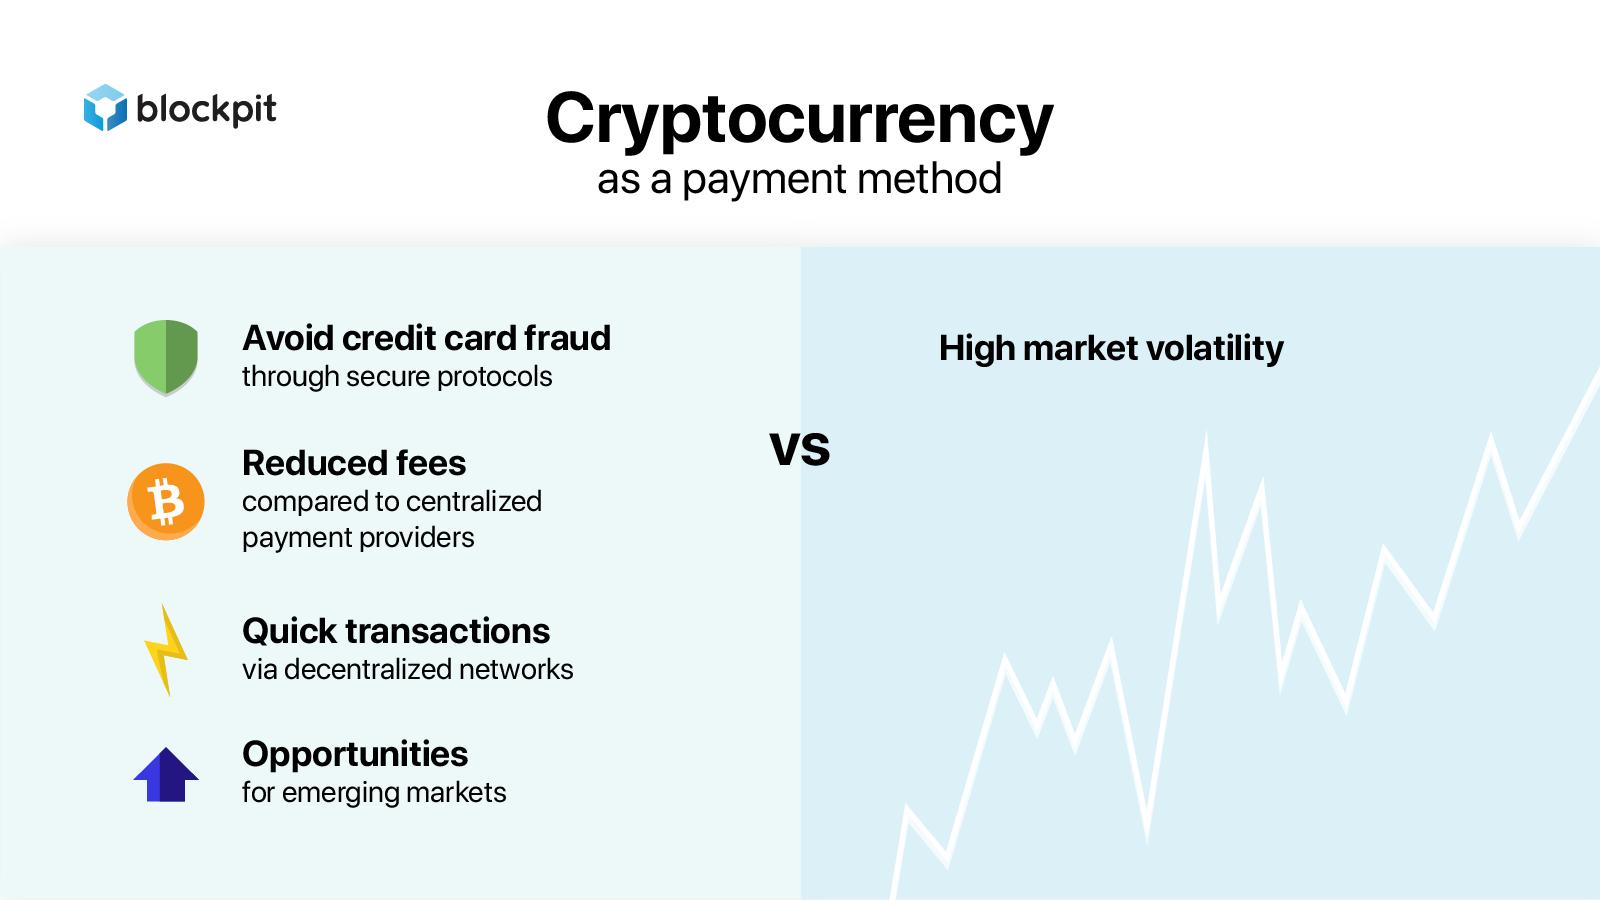 Krypto-Zahlungen bieten eine Reihe von Vorteilen, denen die hohe Marktvolatilität gegenüber steht.